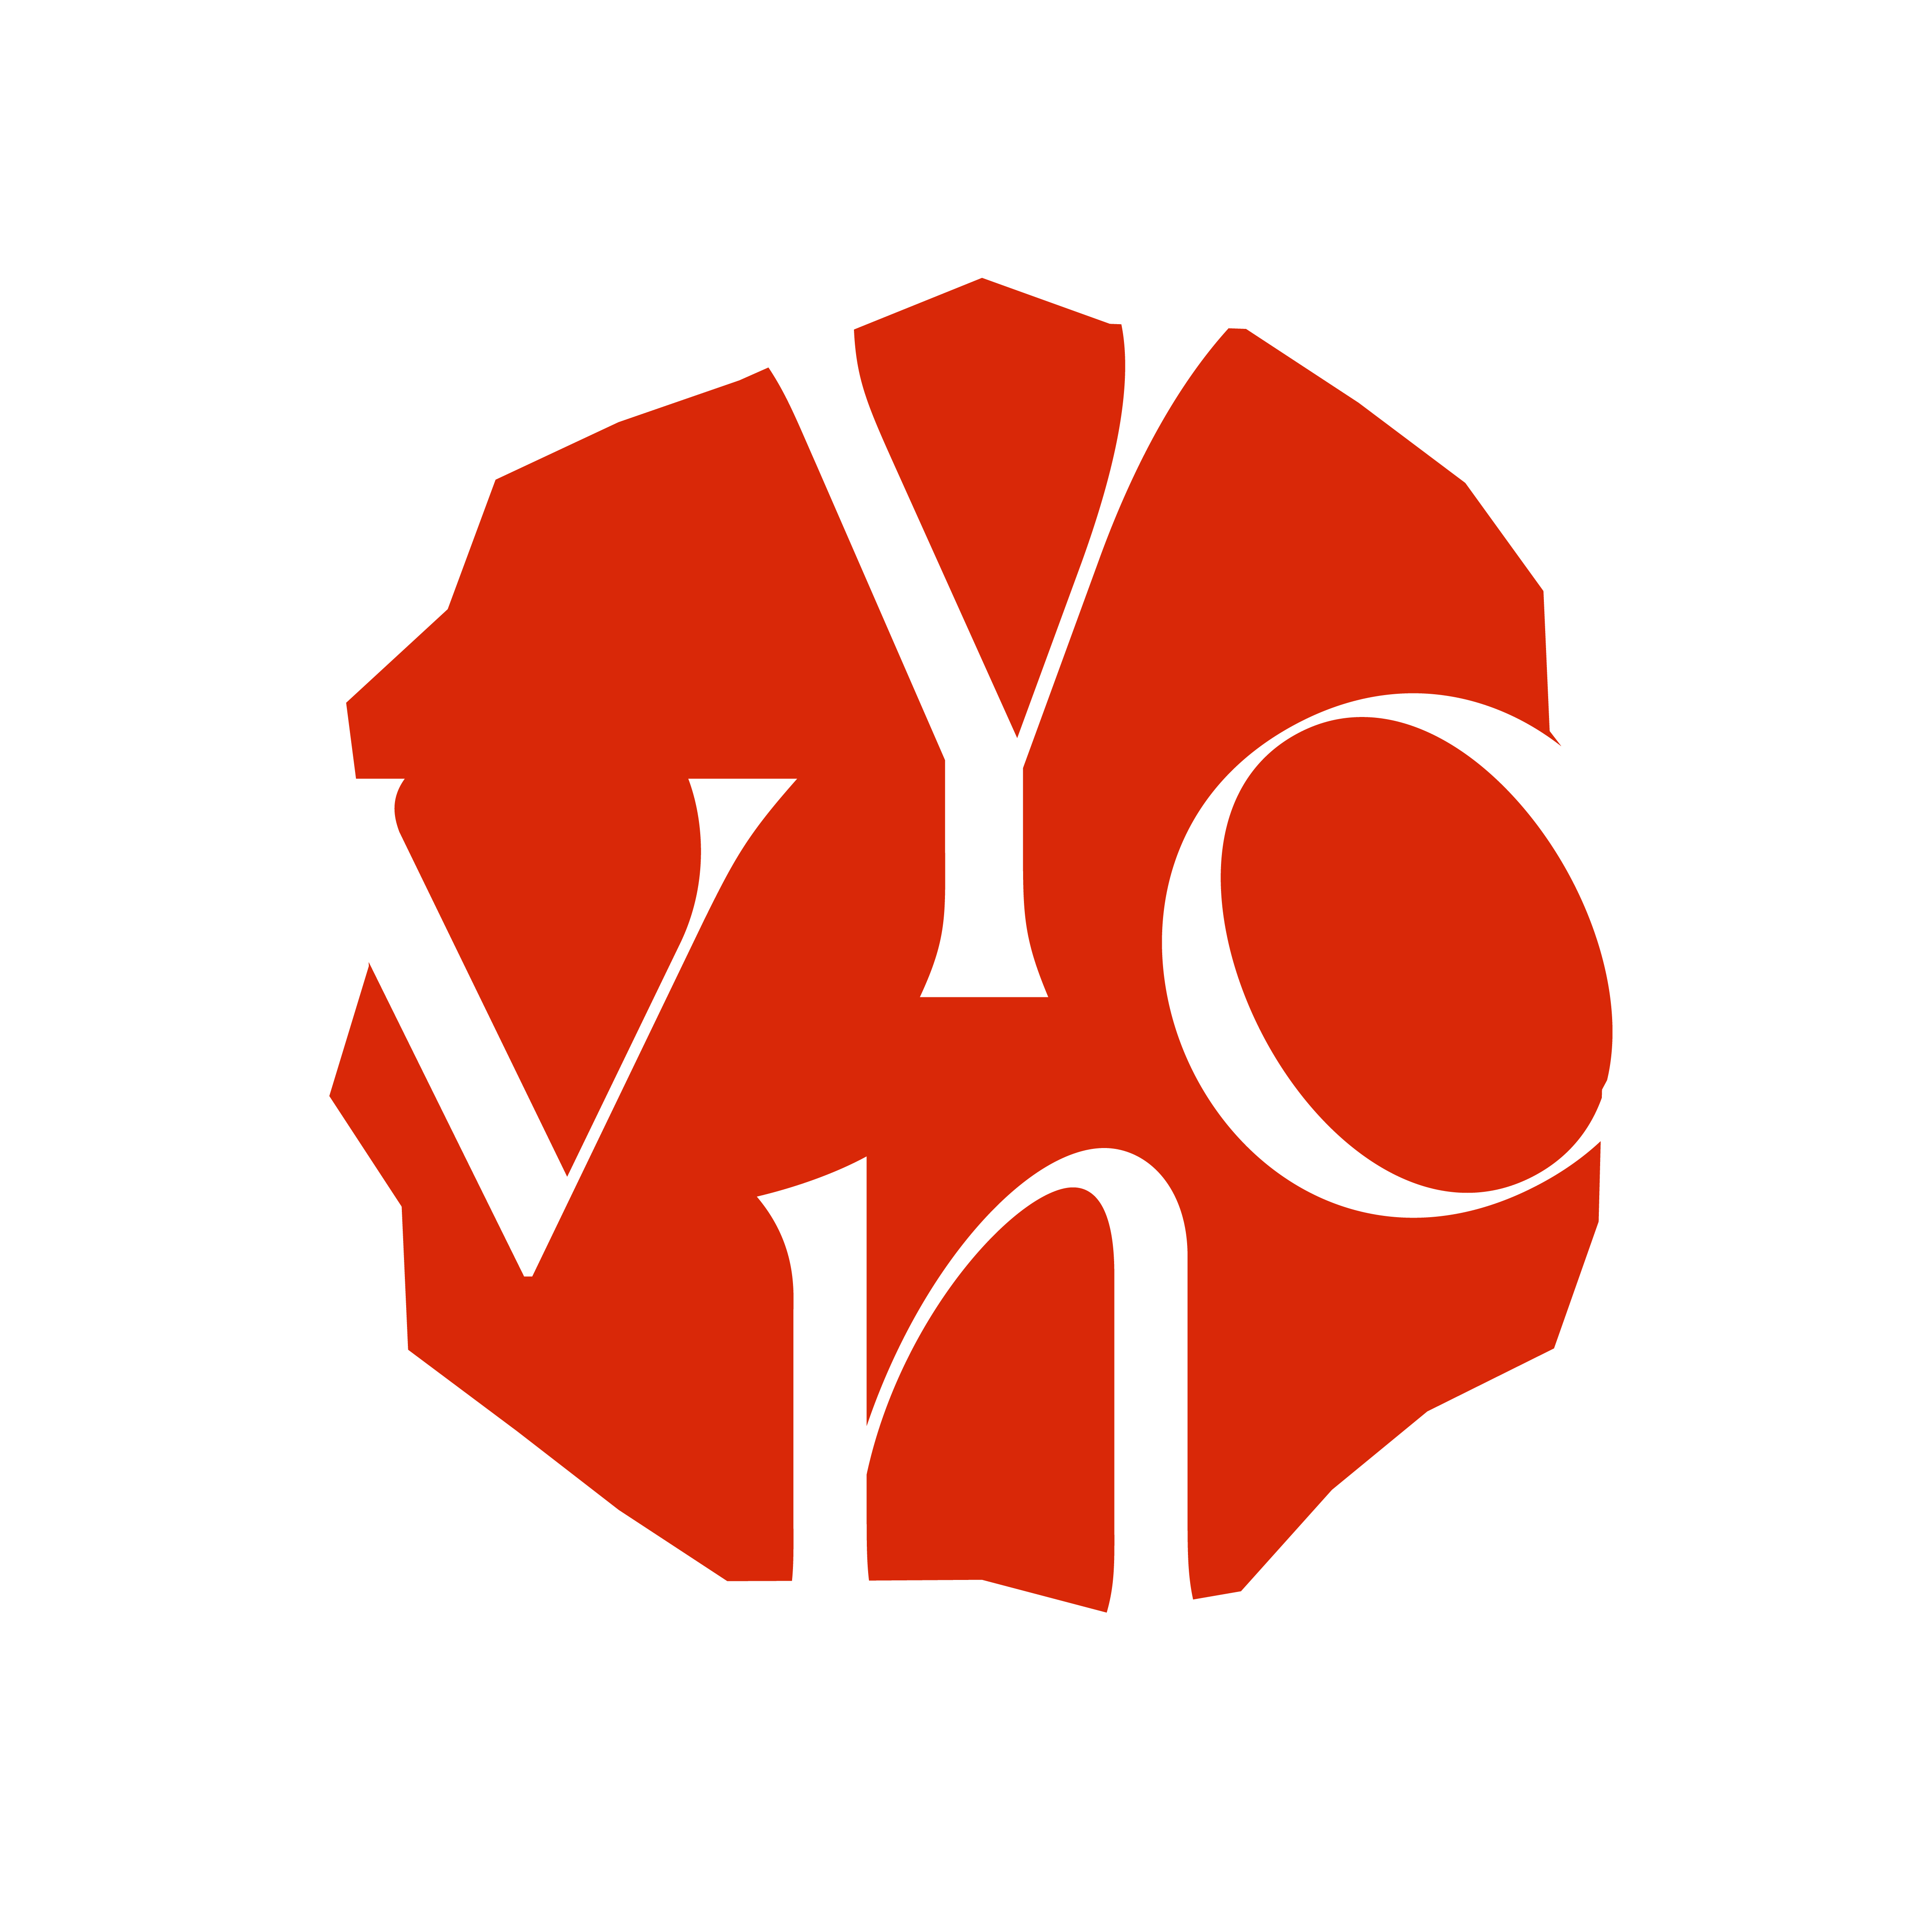 Logo Yvon van Bergen kunstenares intuïtief portret schilderen cursus rood rouge